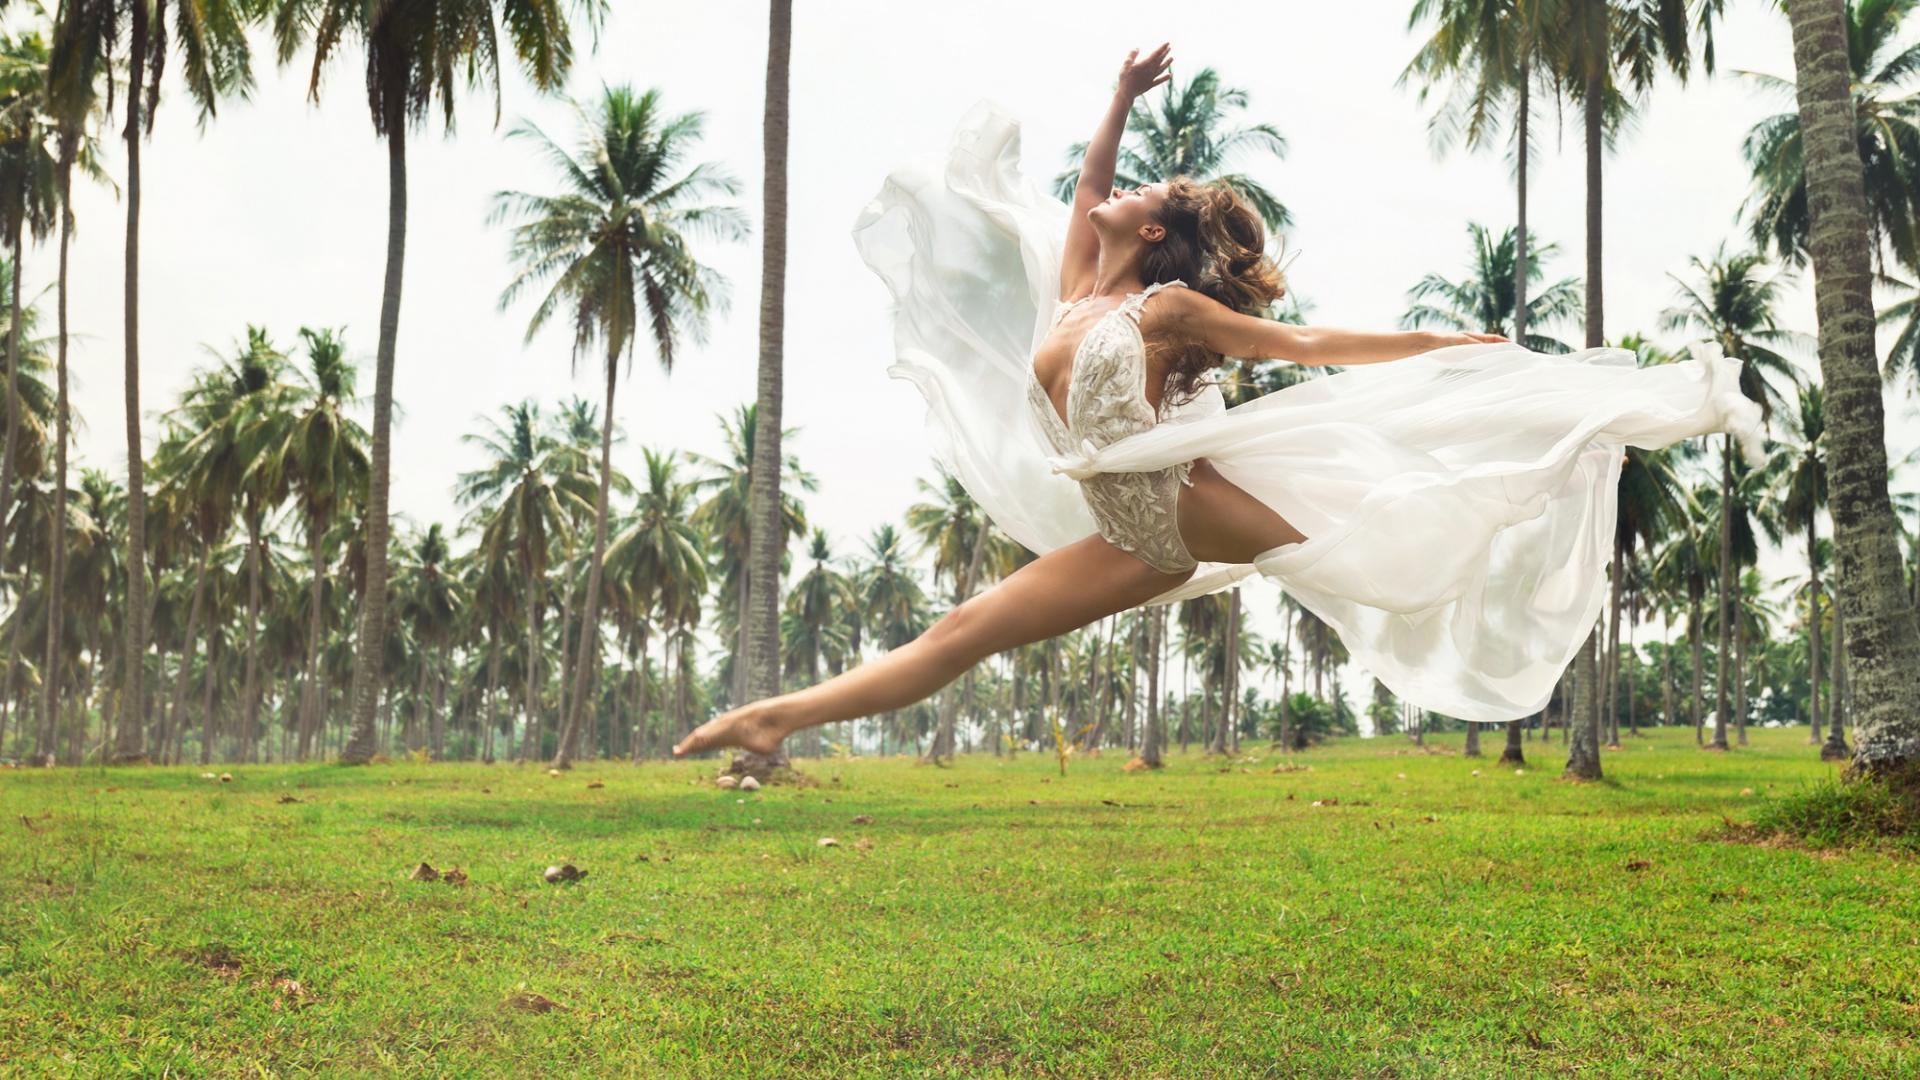 Frau, Hochzeit, Sport Natur